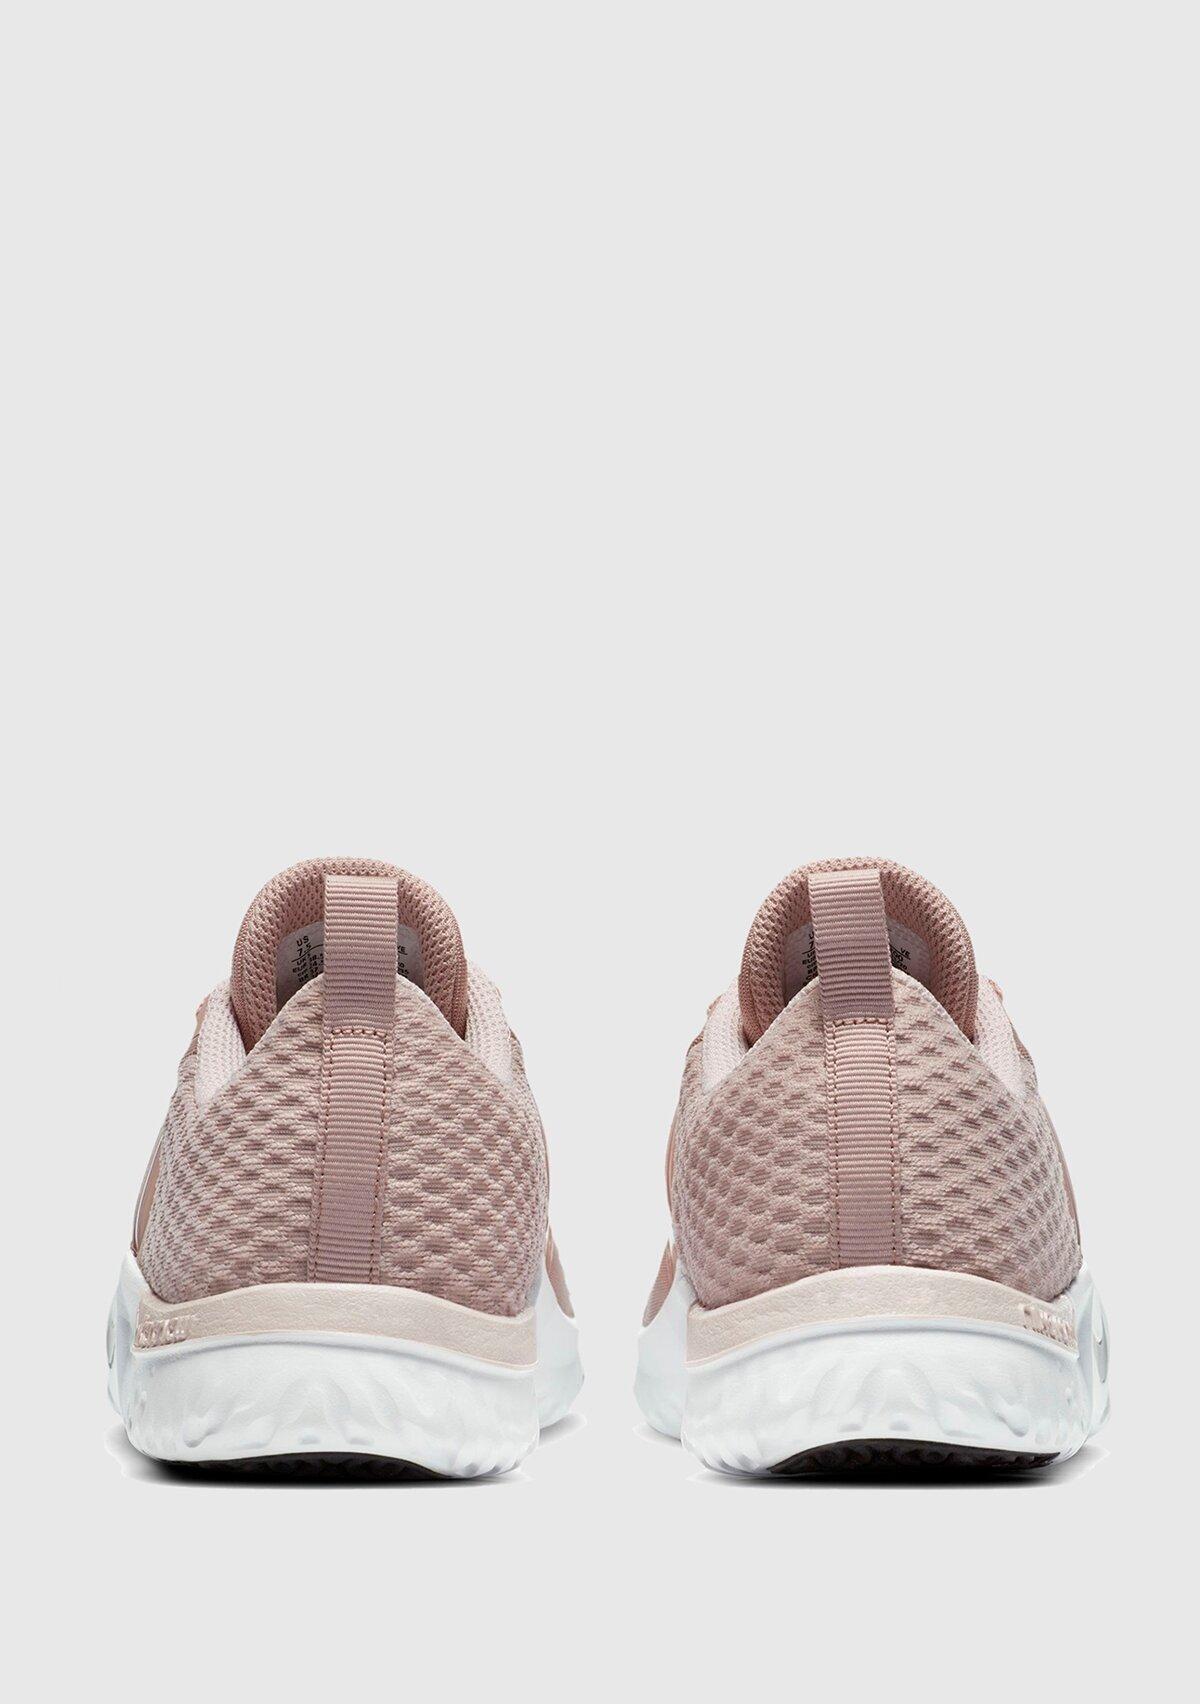 resm Wrenew In-Season Tr 10 Pudra Kadın Spor Ayakkabısı